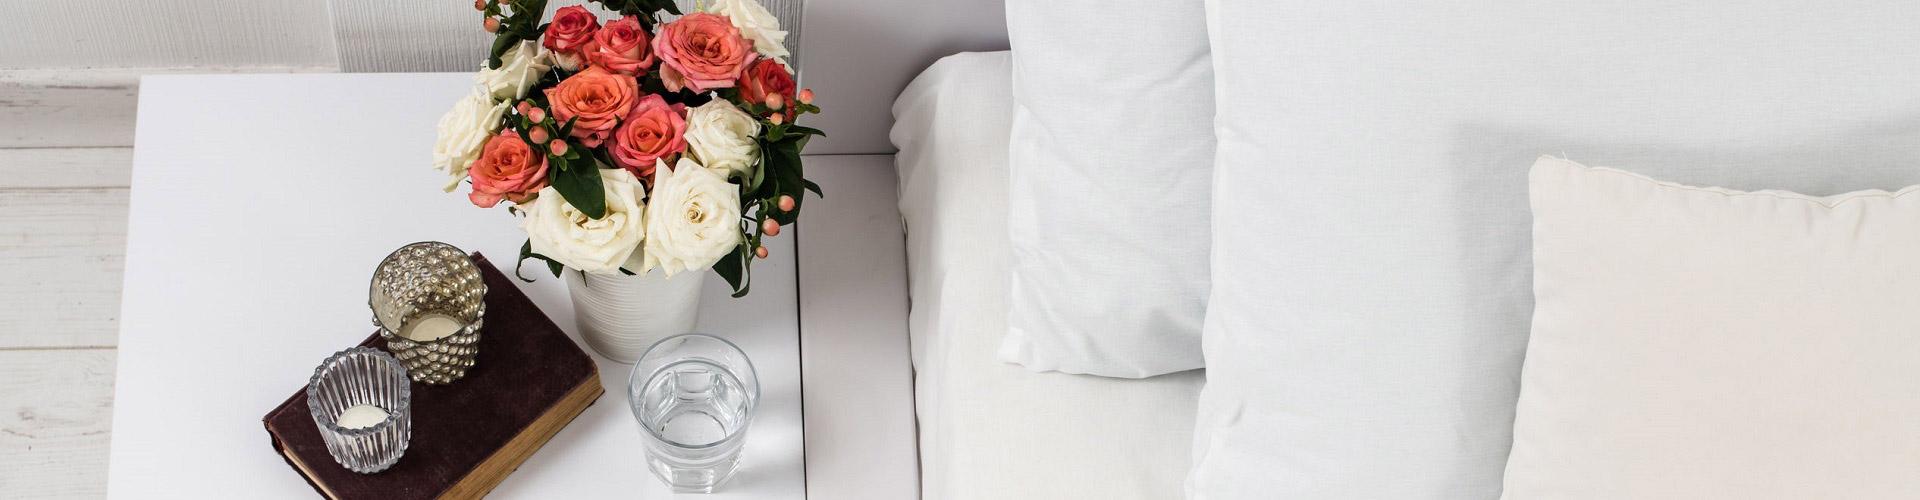 bettw sche richtig waschen bms. Black Bedroom Furniture Sets. Home Design Ideas